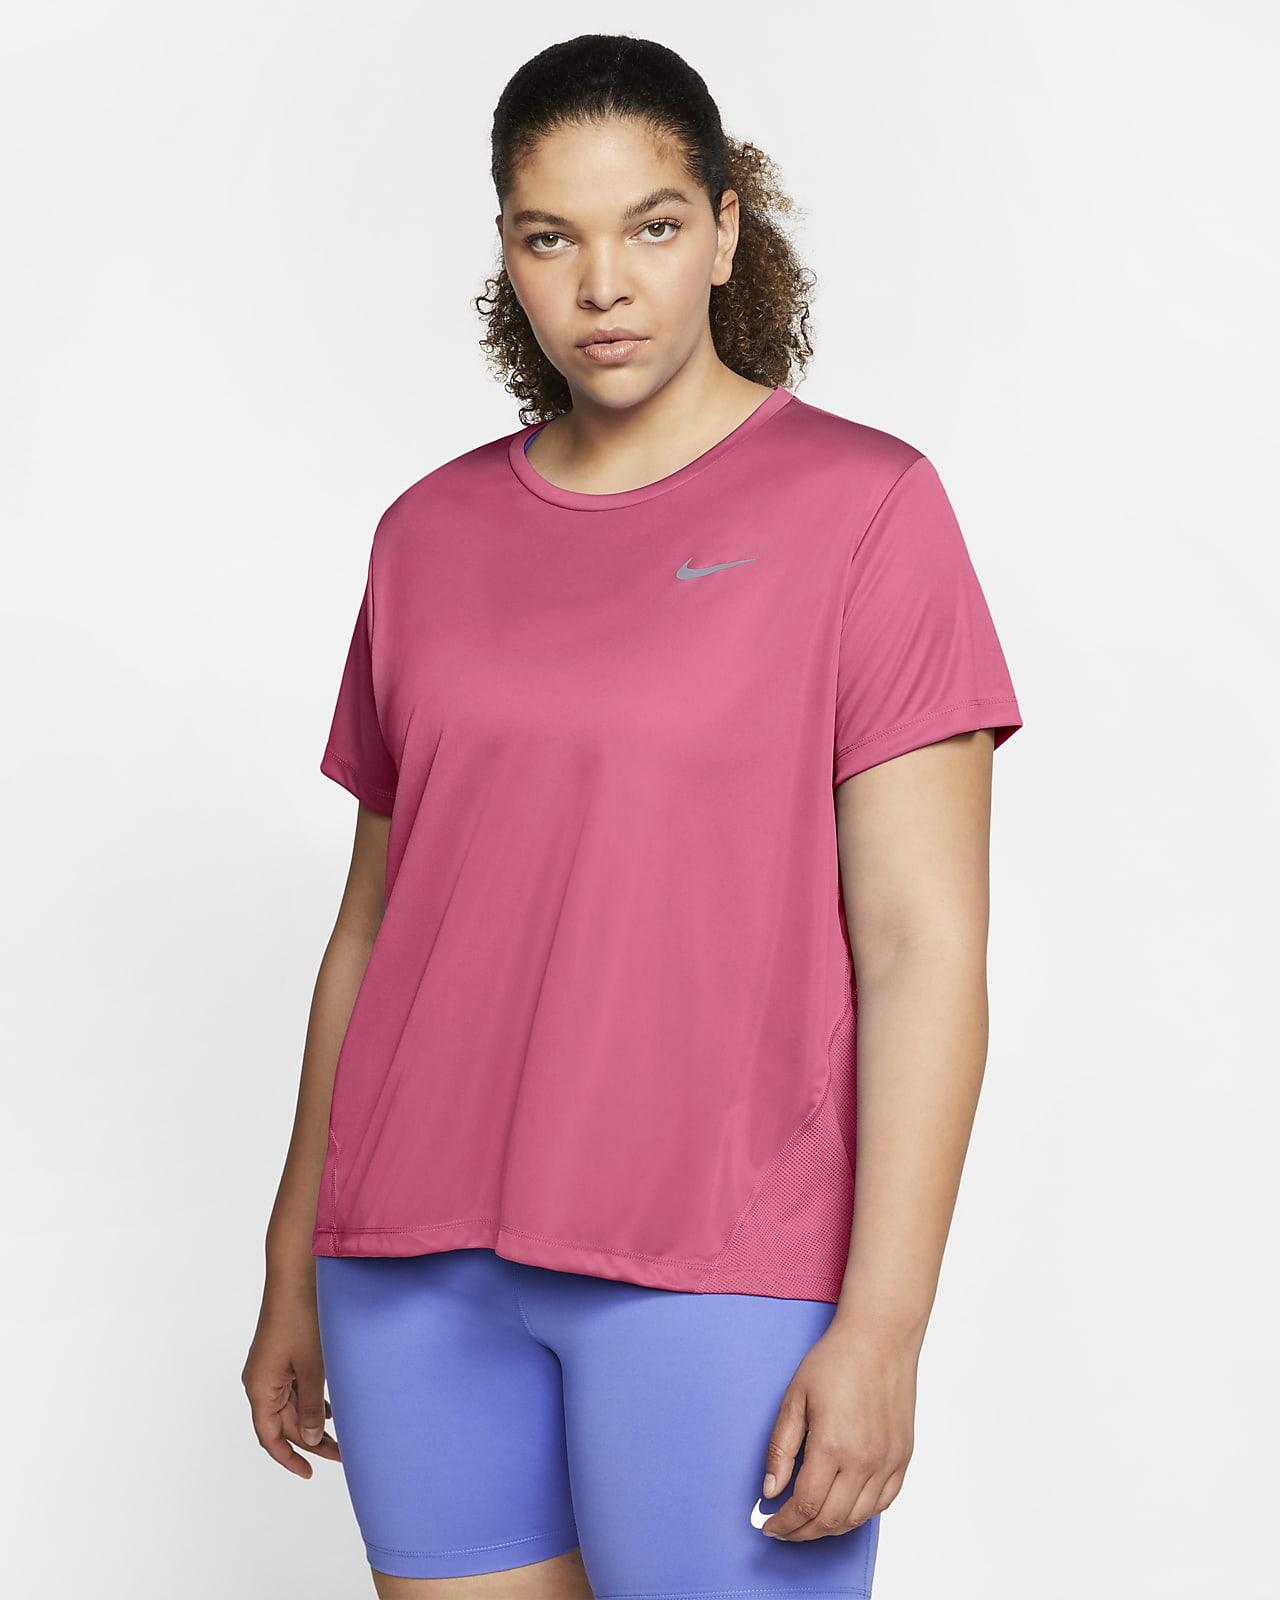 Γυναικεία κοντομάνικη μπλούζα για τρέξιμο Nike Miler (μεγάλα μεγέθη)